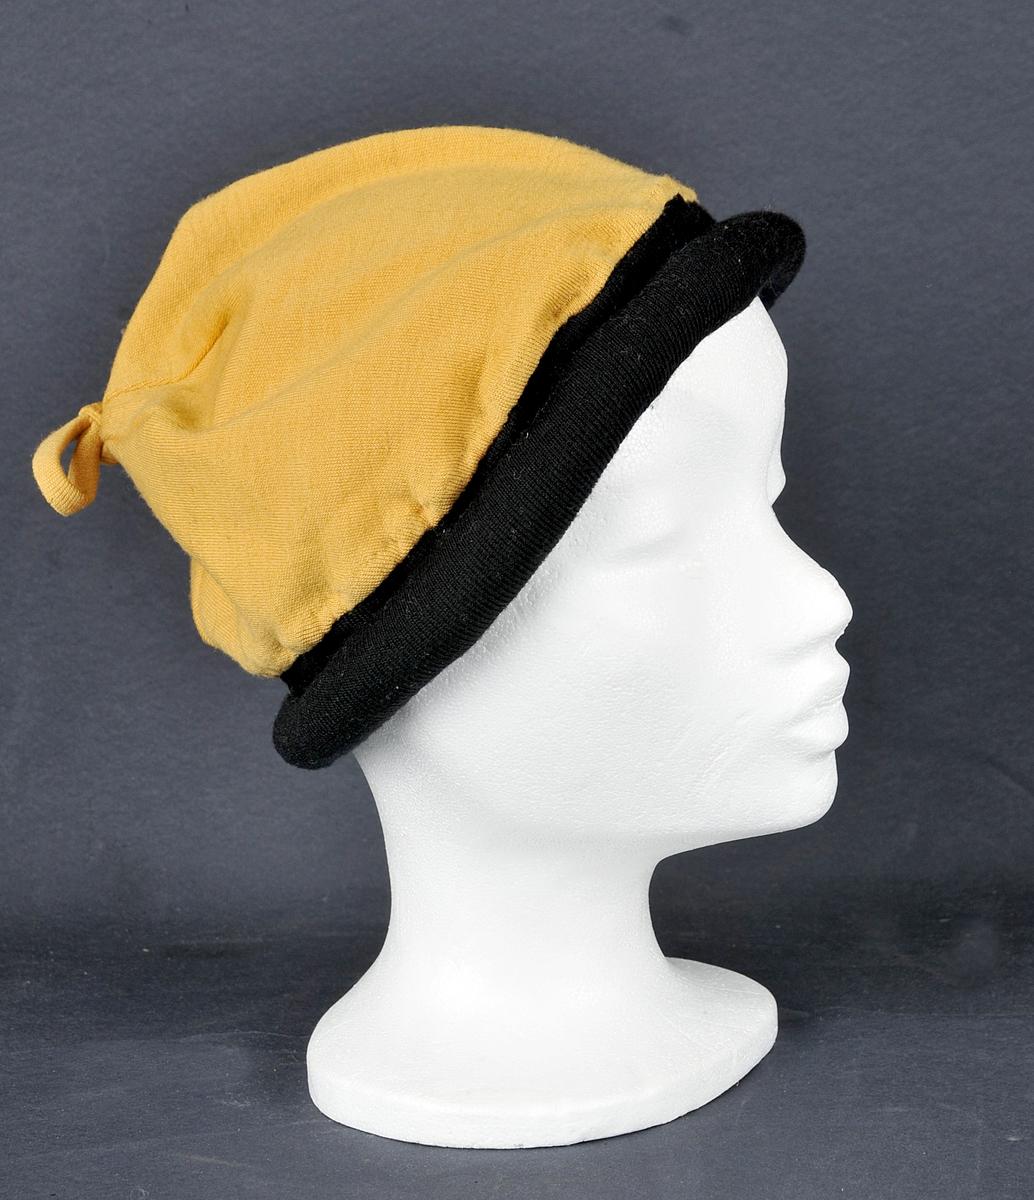 Hatt i luefasong.  Pullen er av einsfarga gul ulltrikot med sløyfe i toppen. Neders svart, opprulla kant av same type stoff.